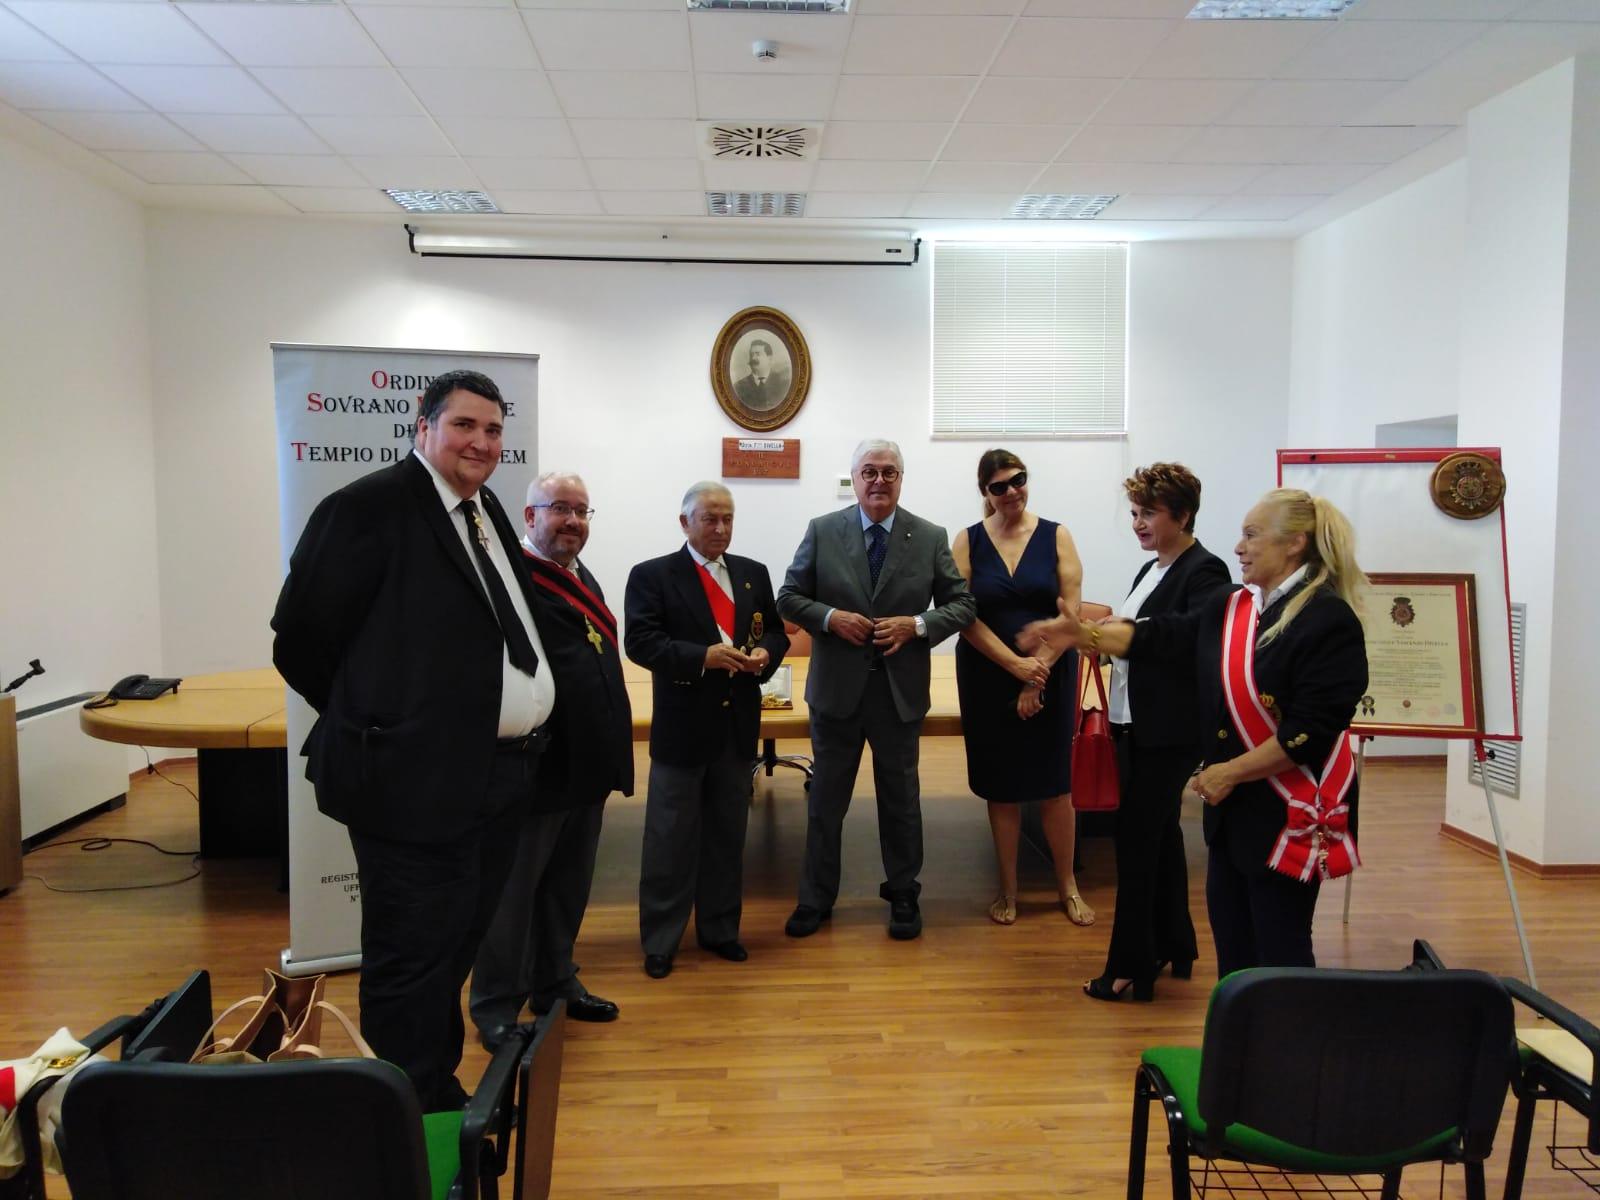 Bari – Il Magnus Magister OSMTJ consegna le medaglie di San Giovanni Battista ed Evangelista alla Divella S.p.A. per il fondamentale contributo dato durante la Pandemia da Covid-19